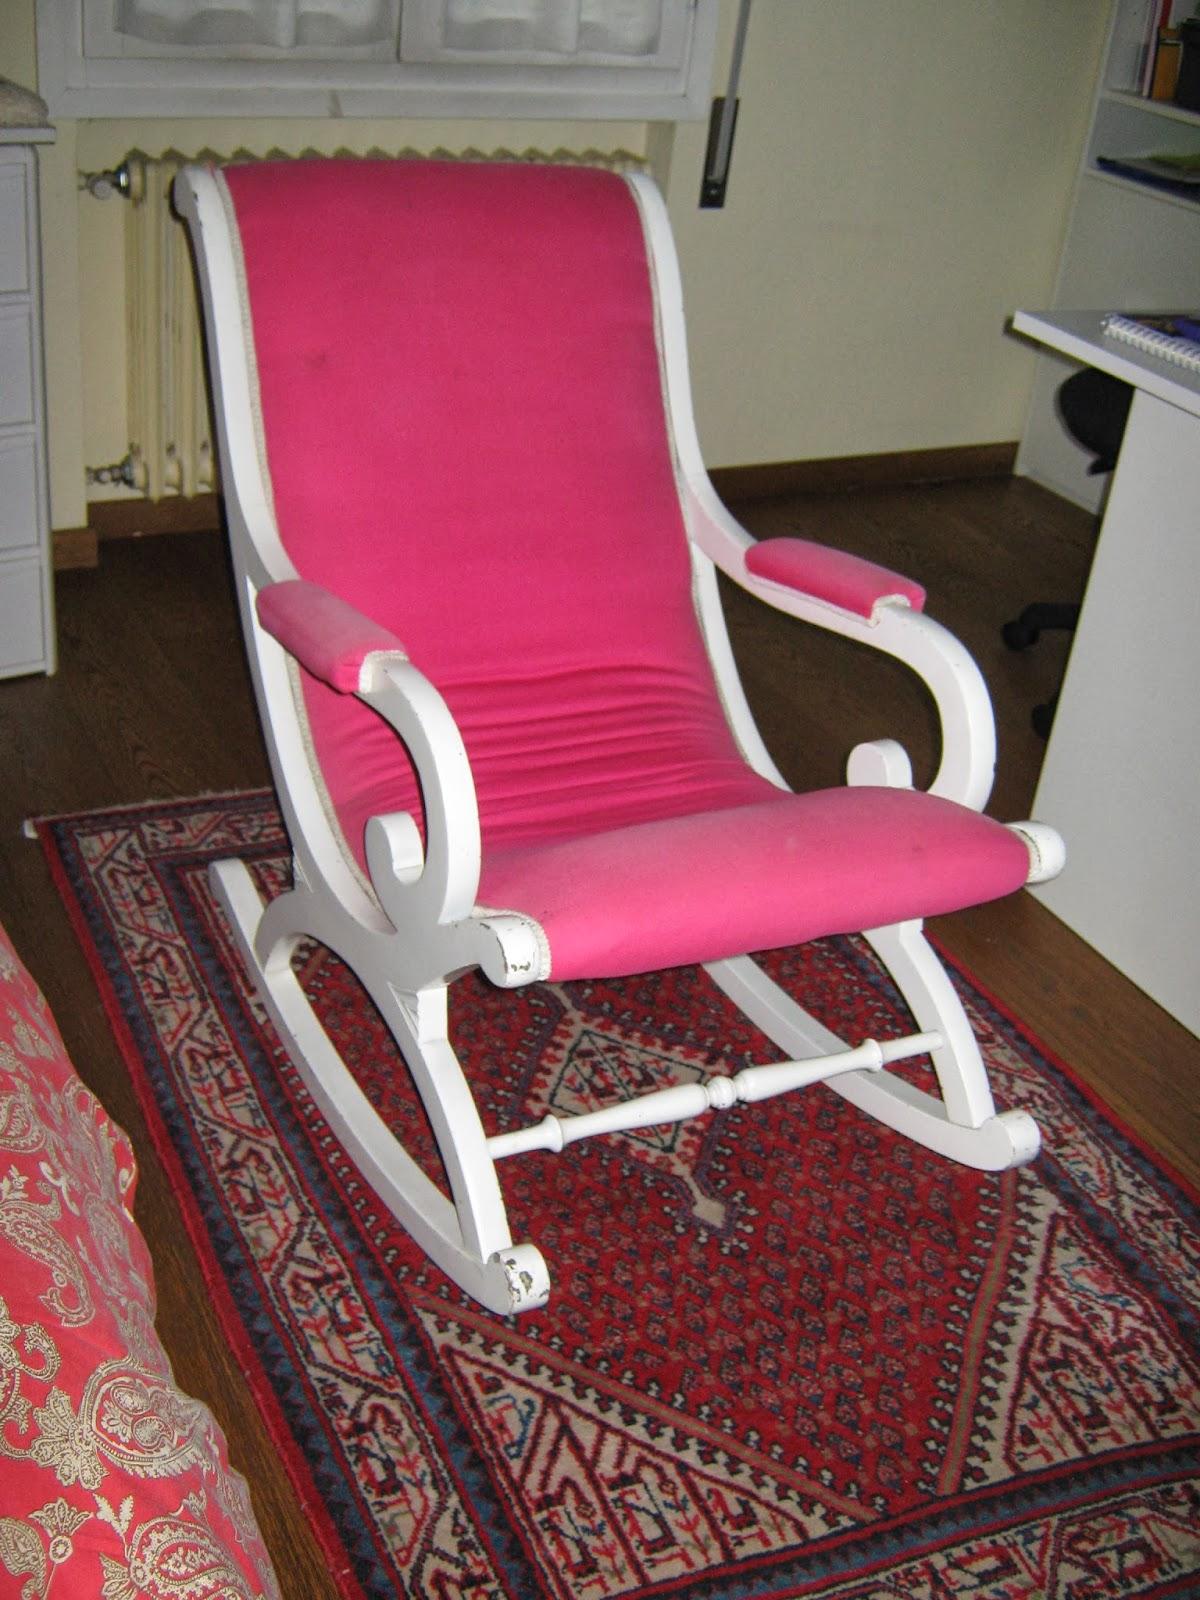 Pensieri e ricordi di sisi la sedia a dondolo - La sedia a dondolo ...